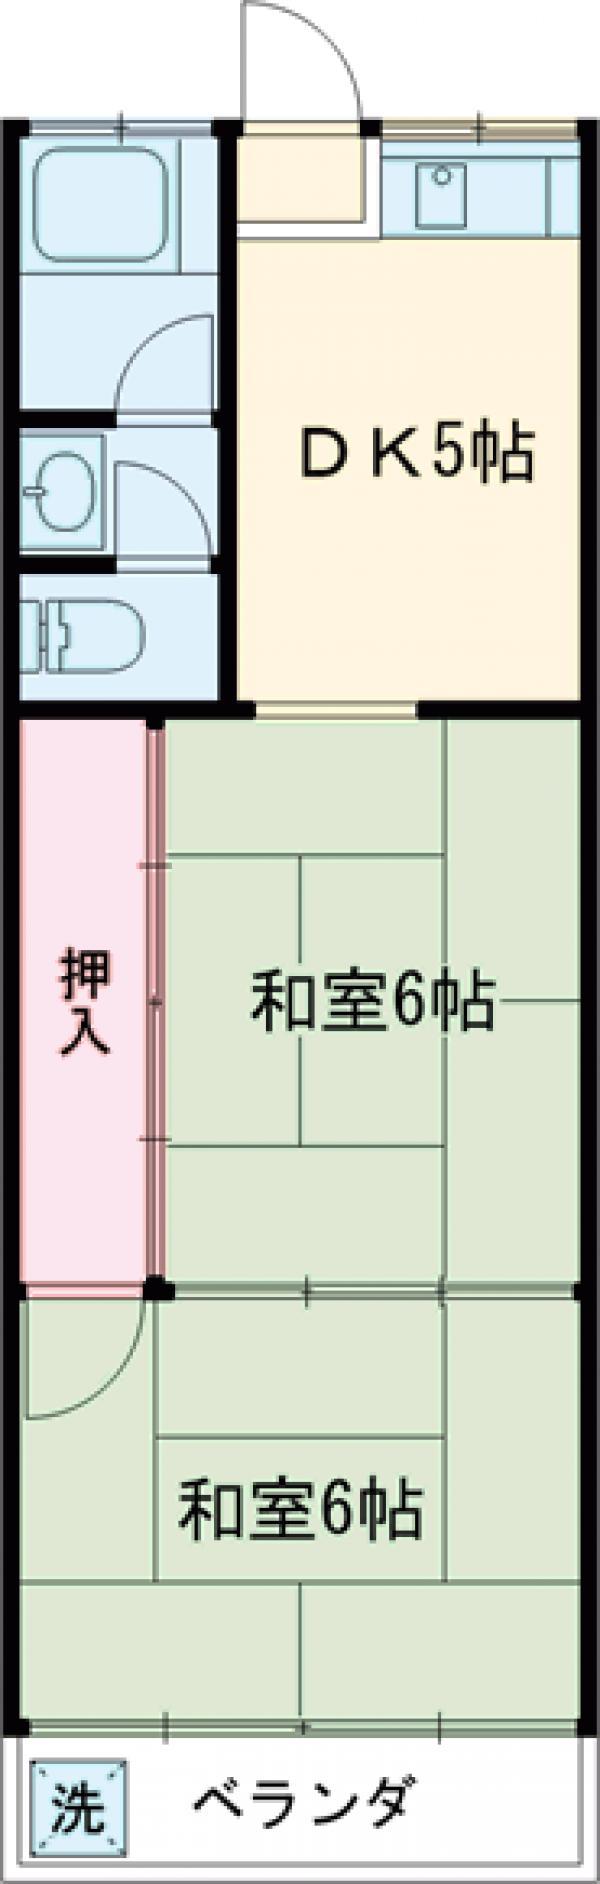 富士見コーポ 205号室の間取り